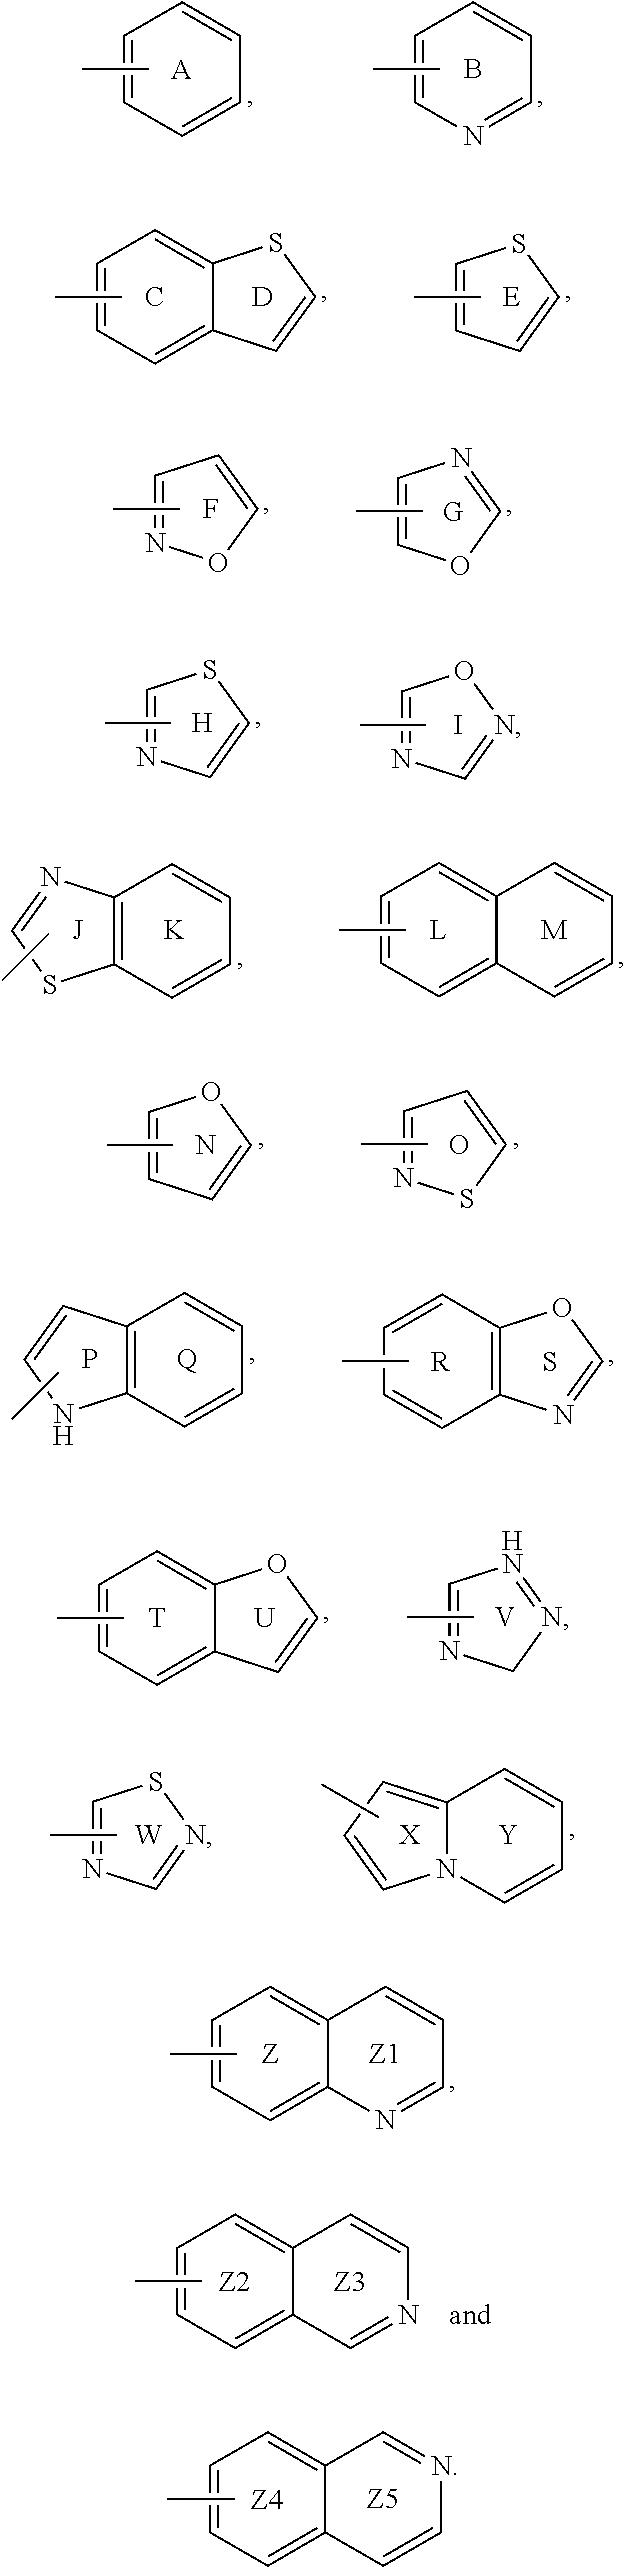 Figure US08304447-20121106-C00011